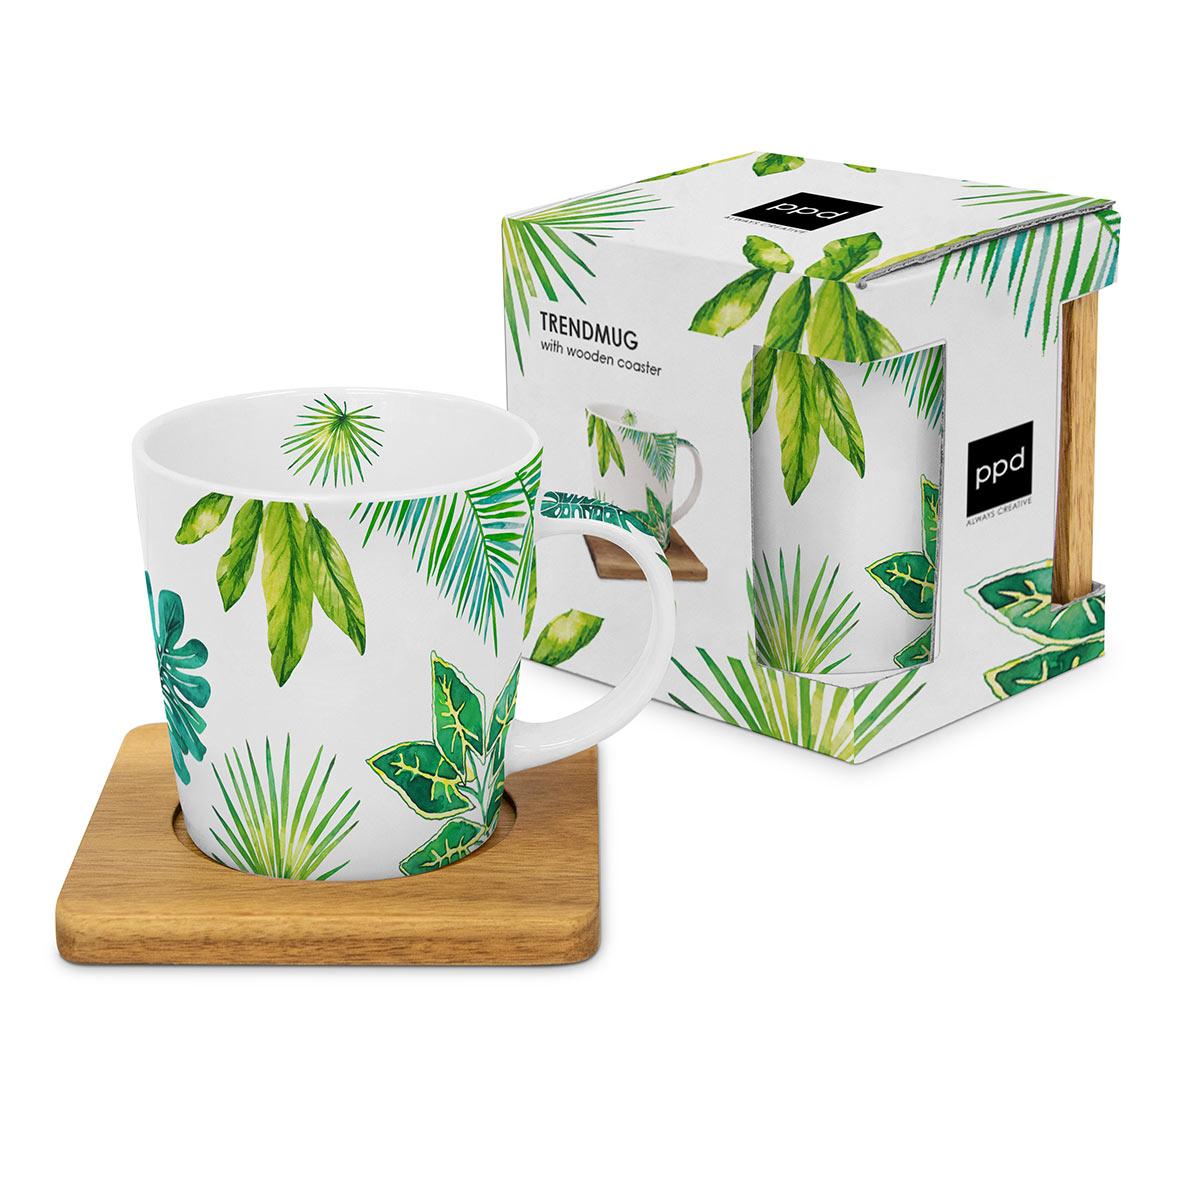 Jungle Trend Mug nature